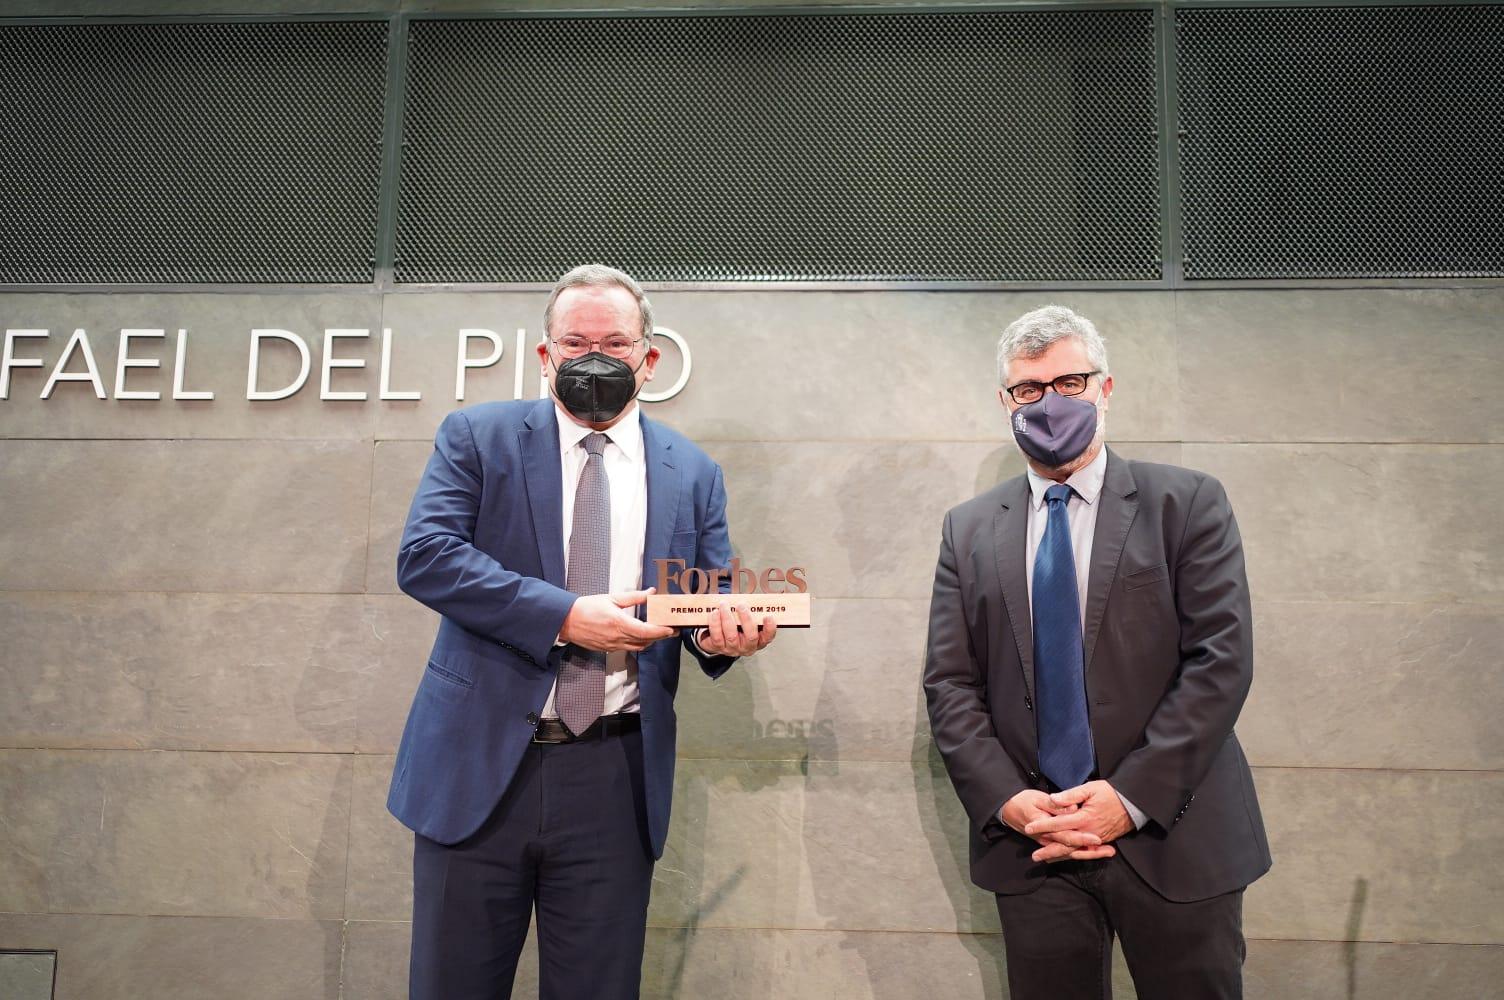 Eduardo Navarro, Director de Estrategia y Asuntos Corporativos de Telefónica, recibe el Premio Forbes Best Dircom 2019 de la mano de Miguel Ángel Oliver, Secretario de Estado de Comunicación, en el Auditorio Rafael del Pino de Madrid.